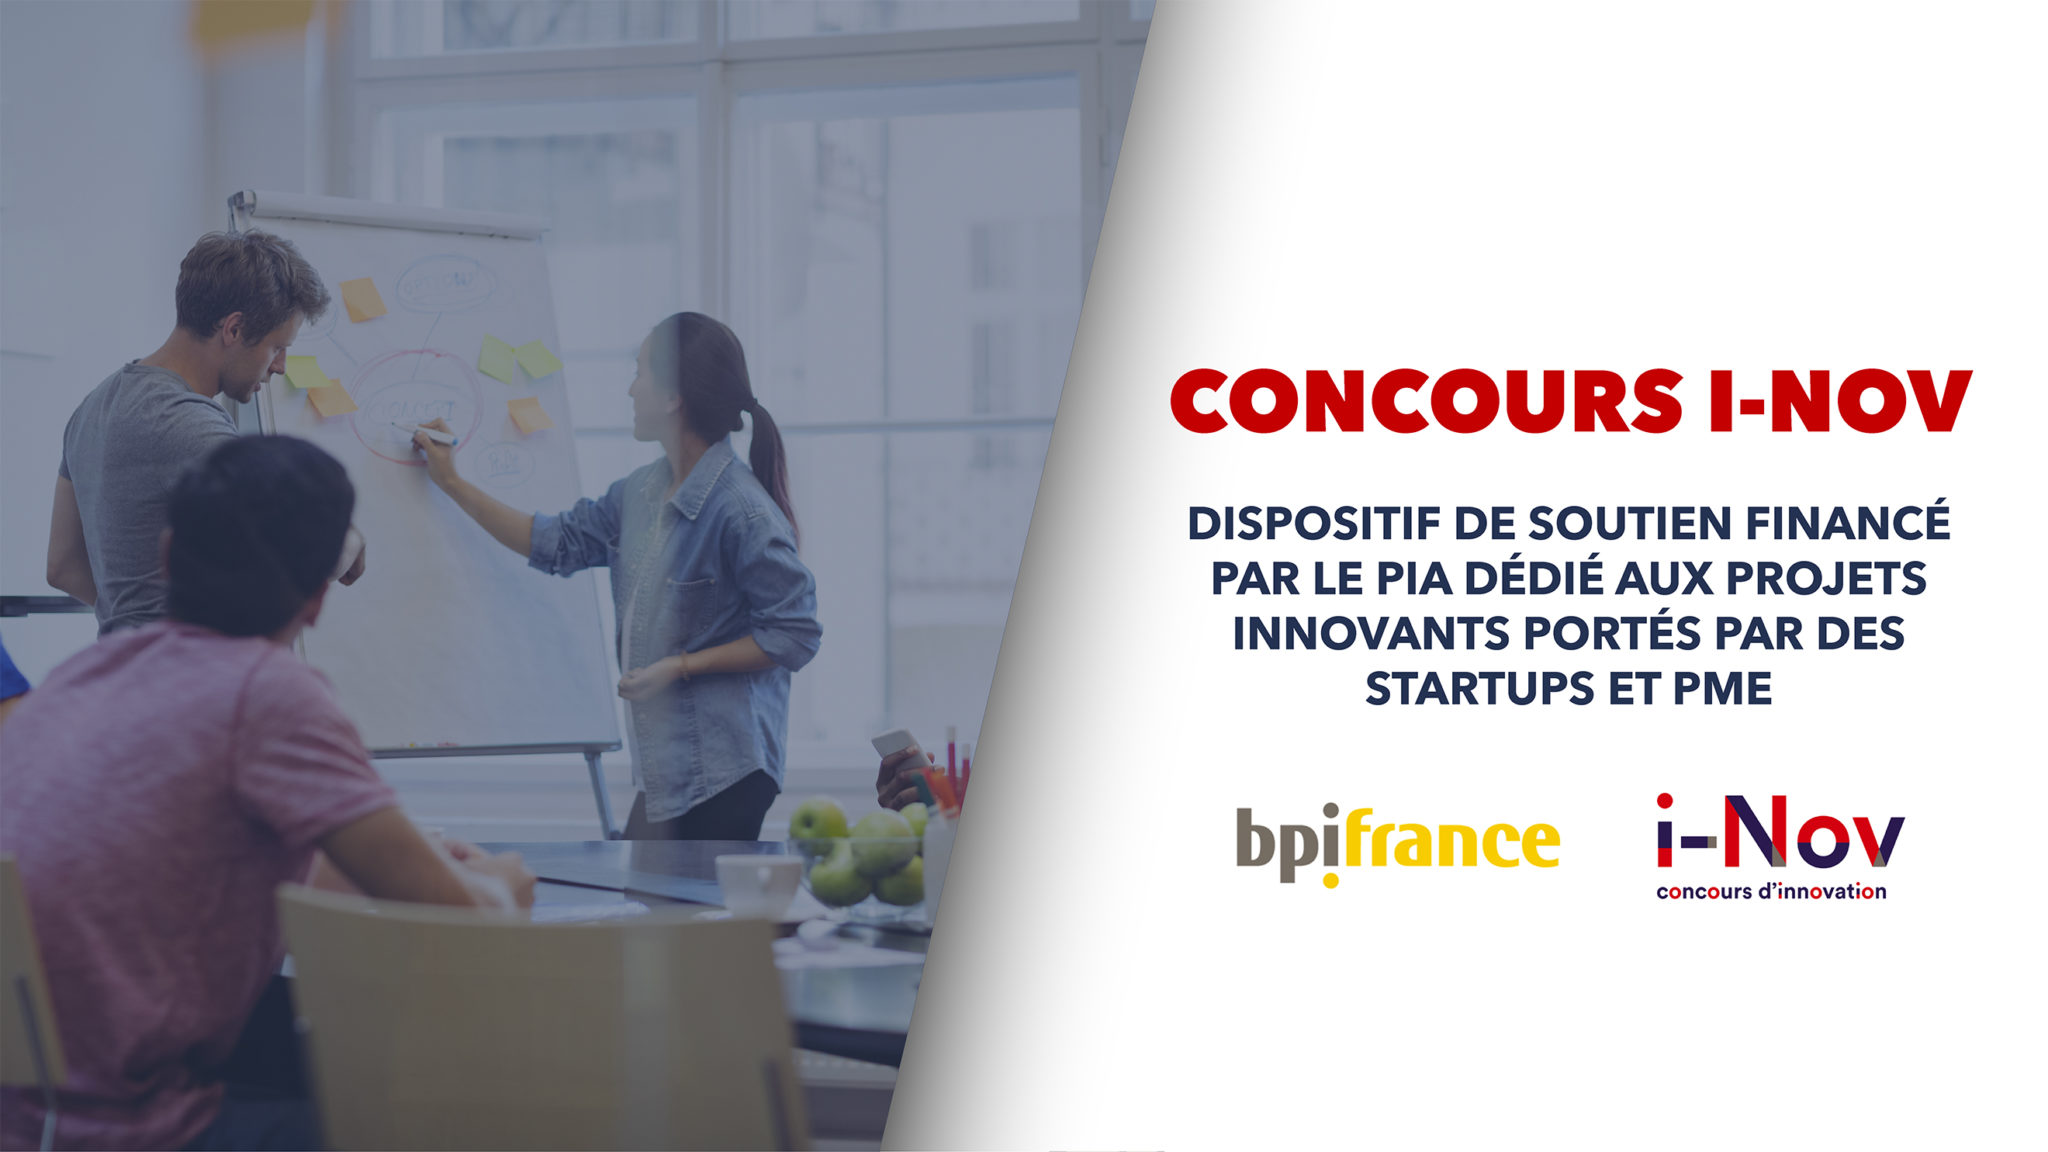 Concours d'innovation - i-Nov 4